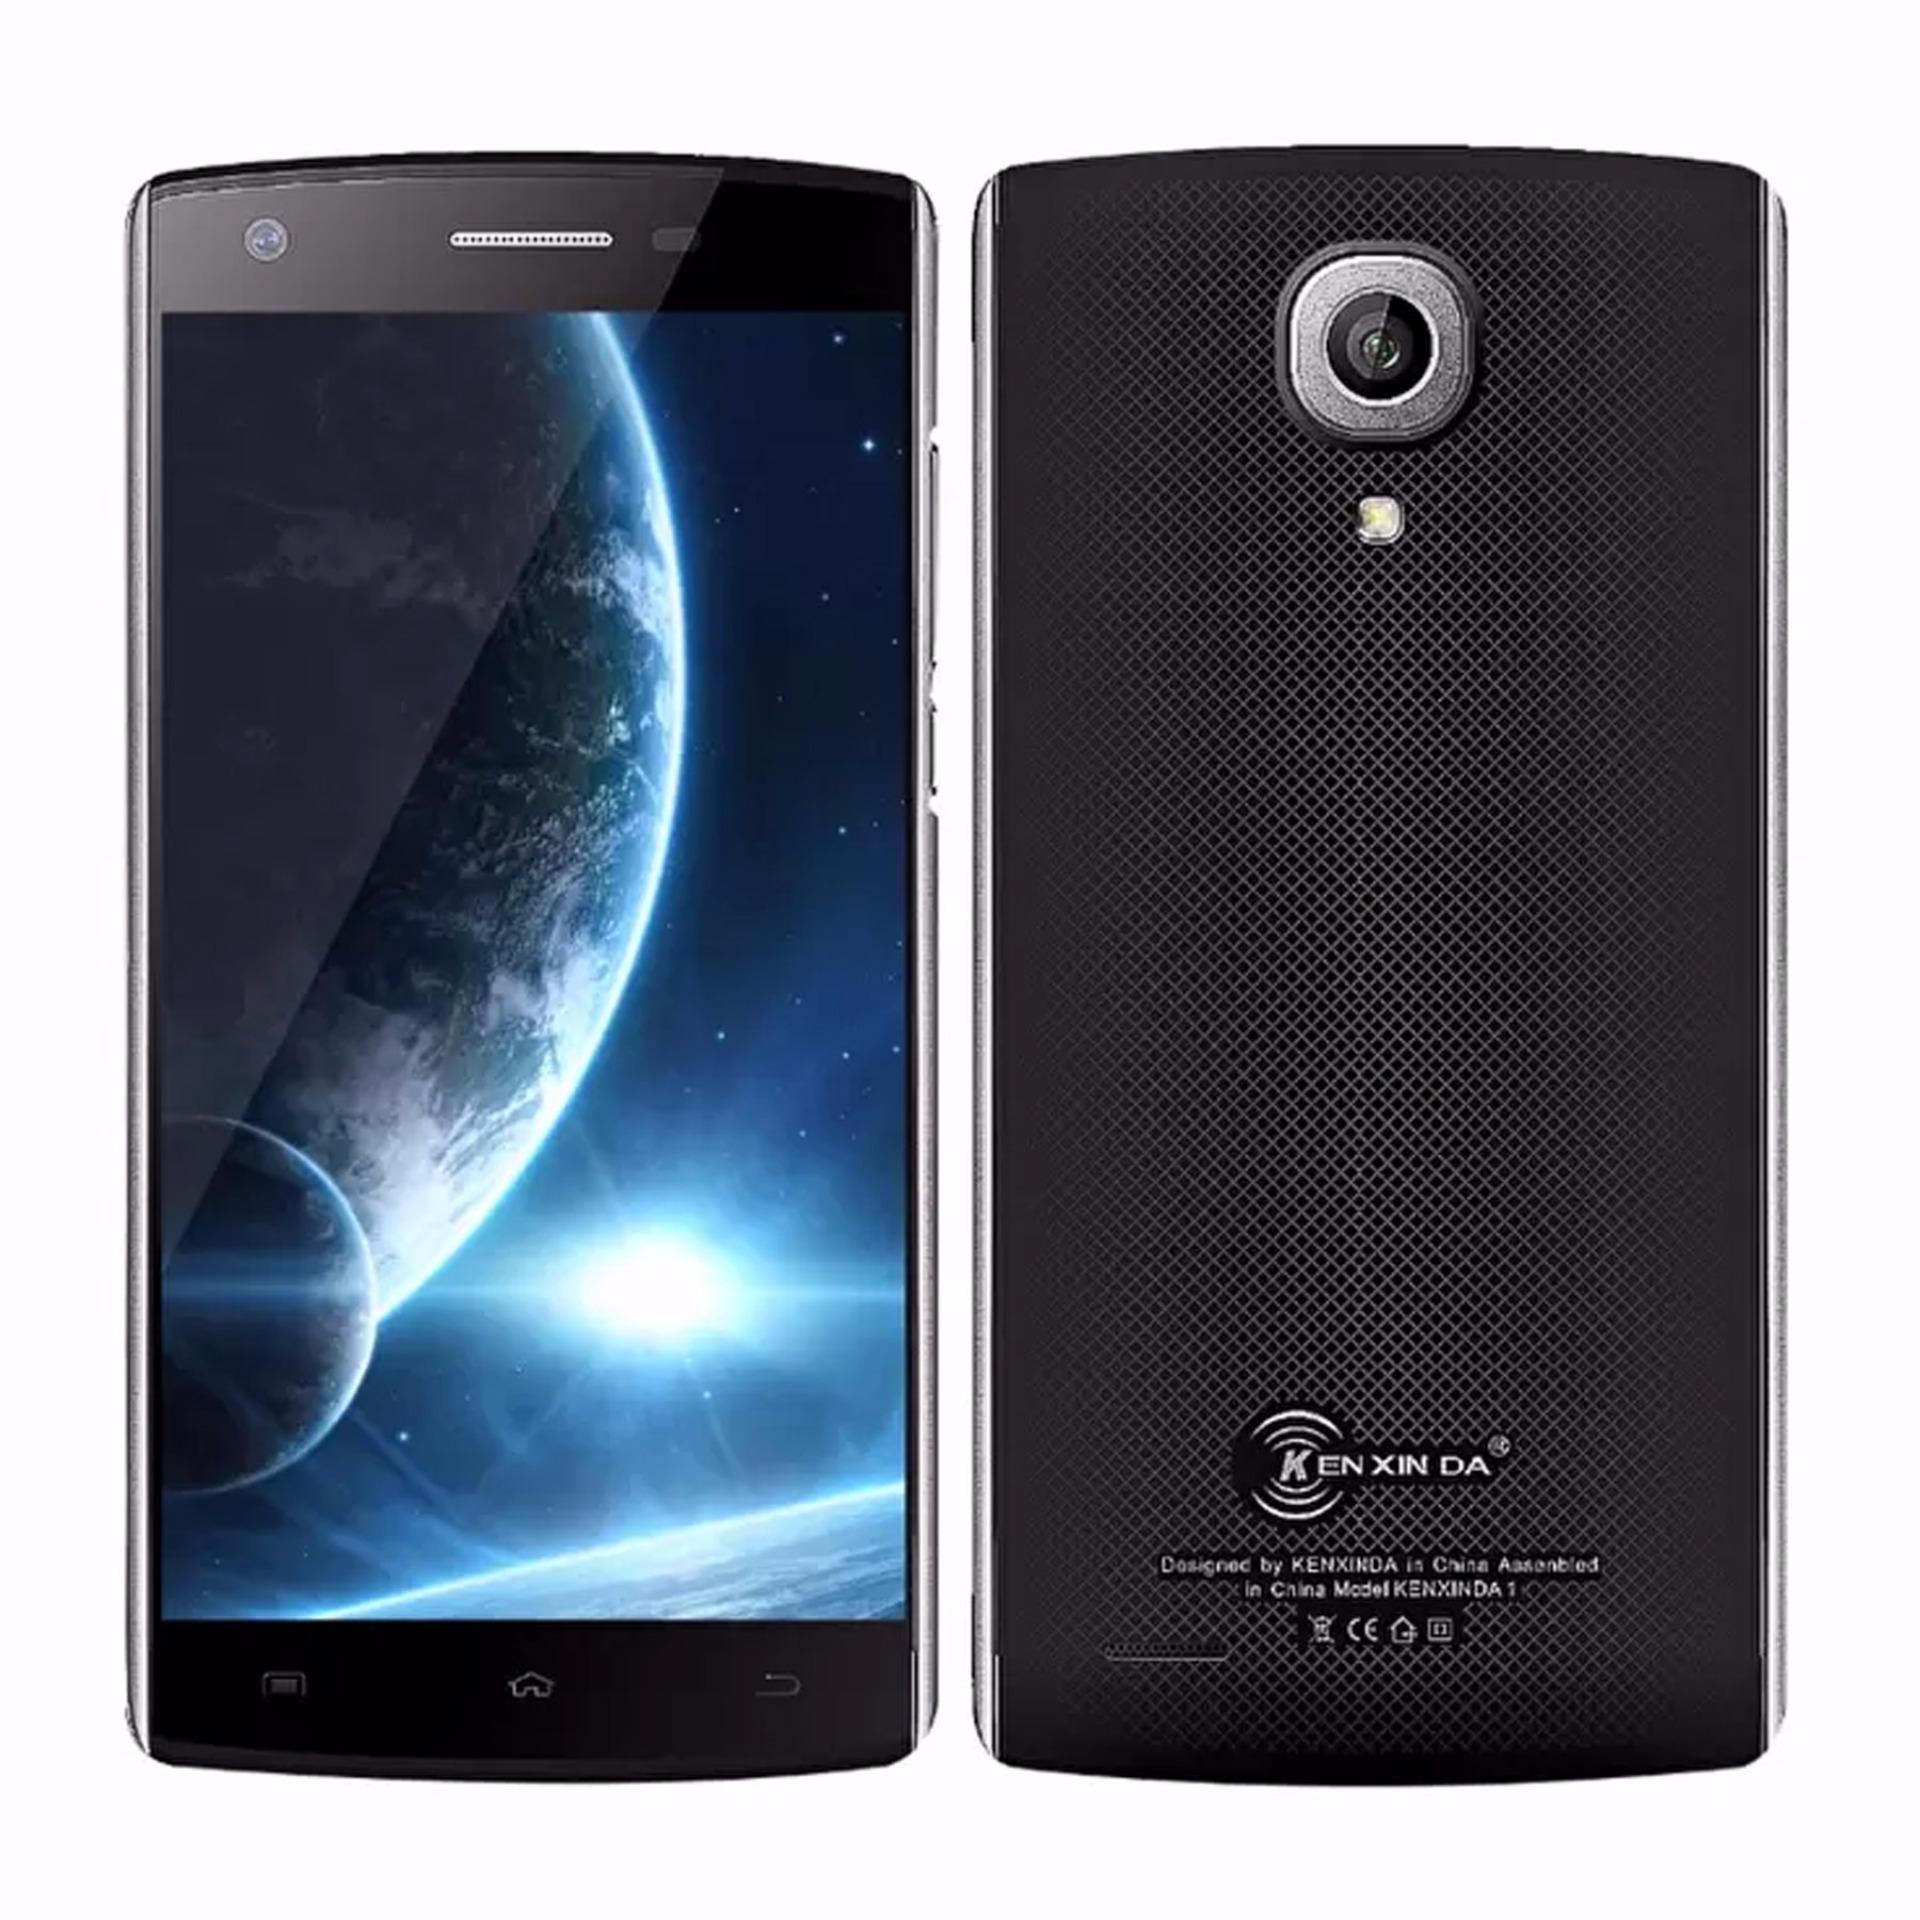 ... Kenxinda Ken Mobile J7 - 8GB - Hitam ...